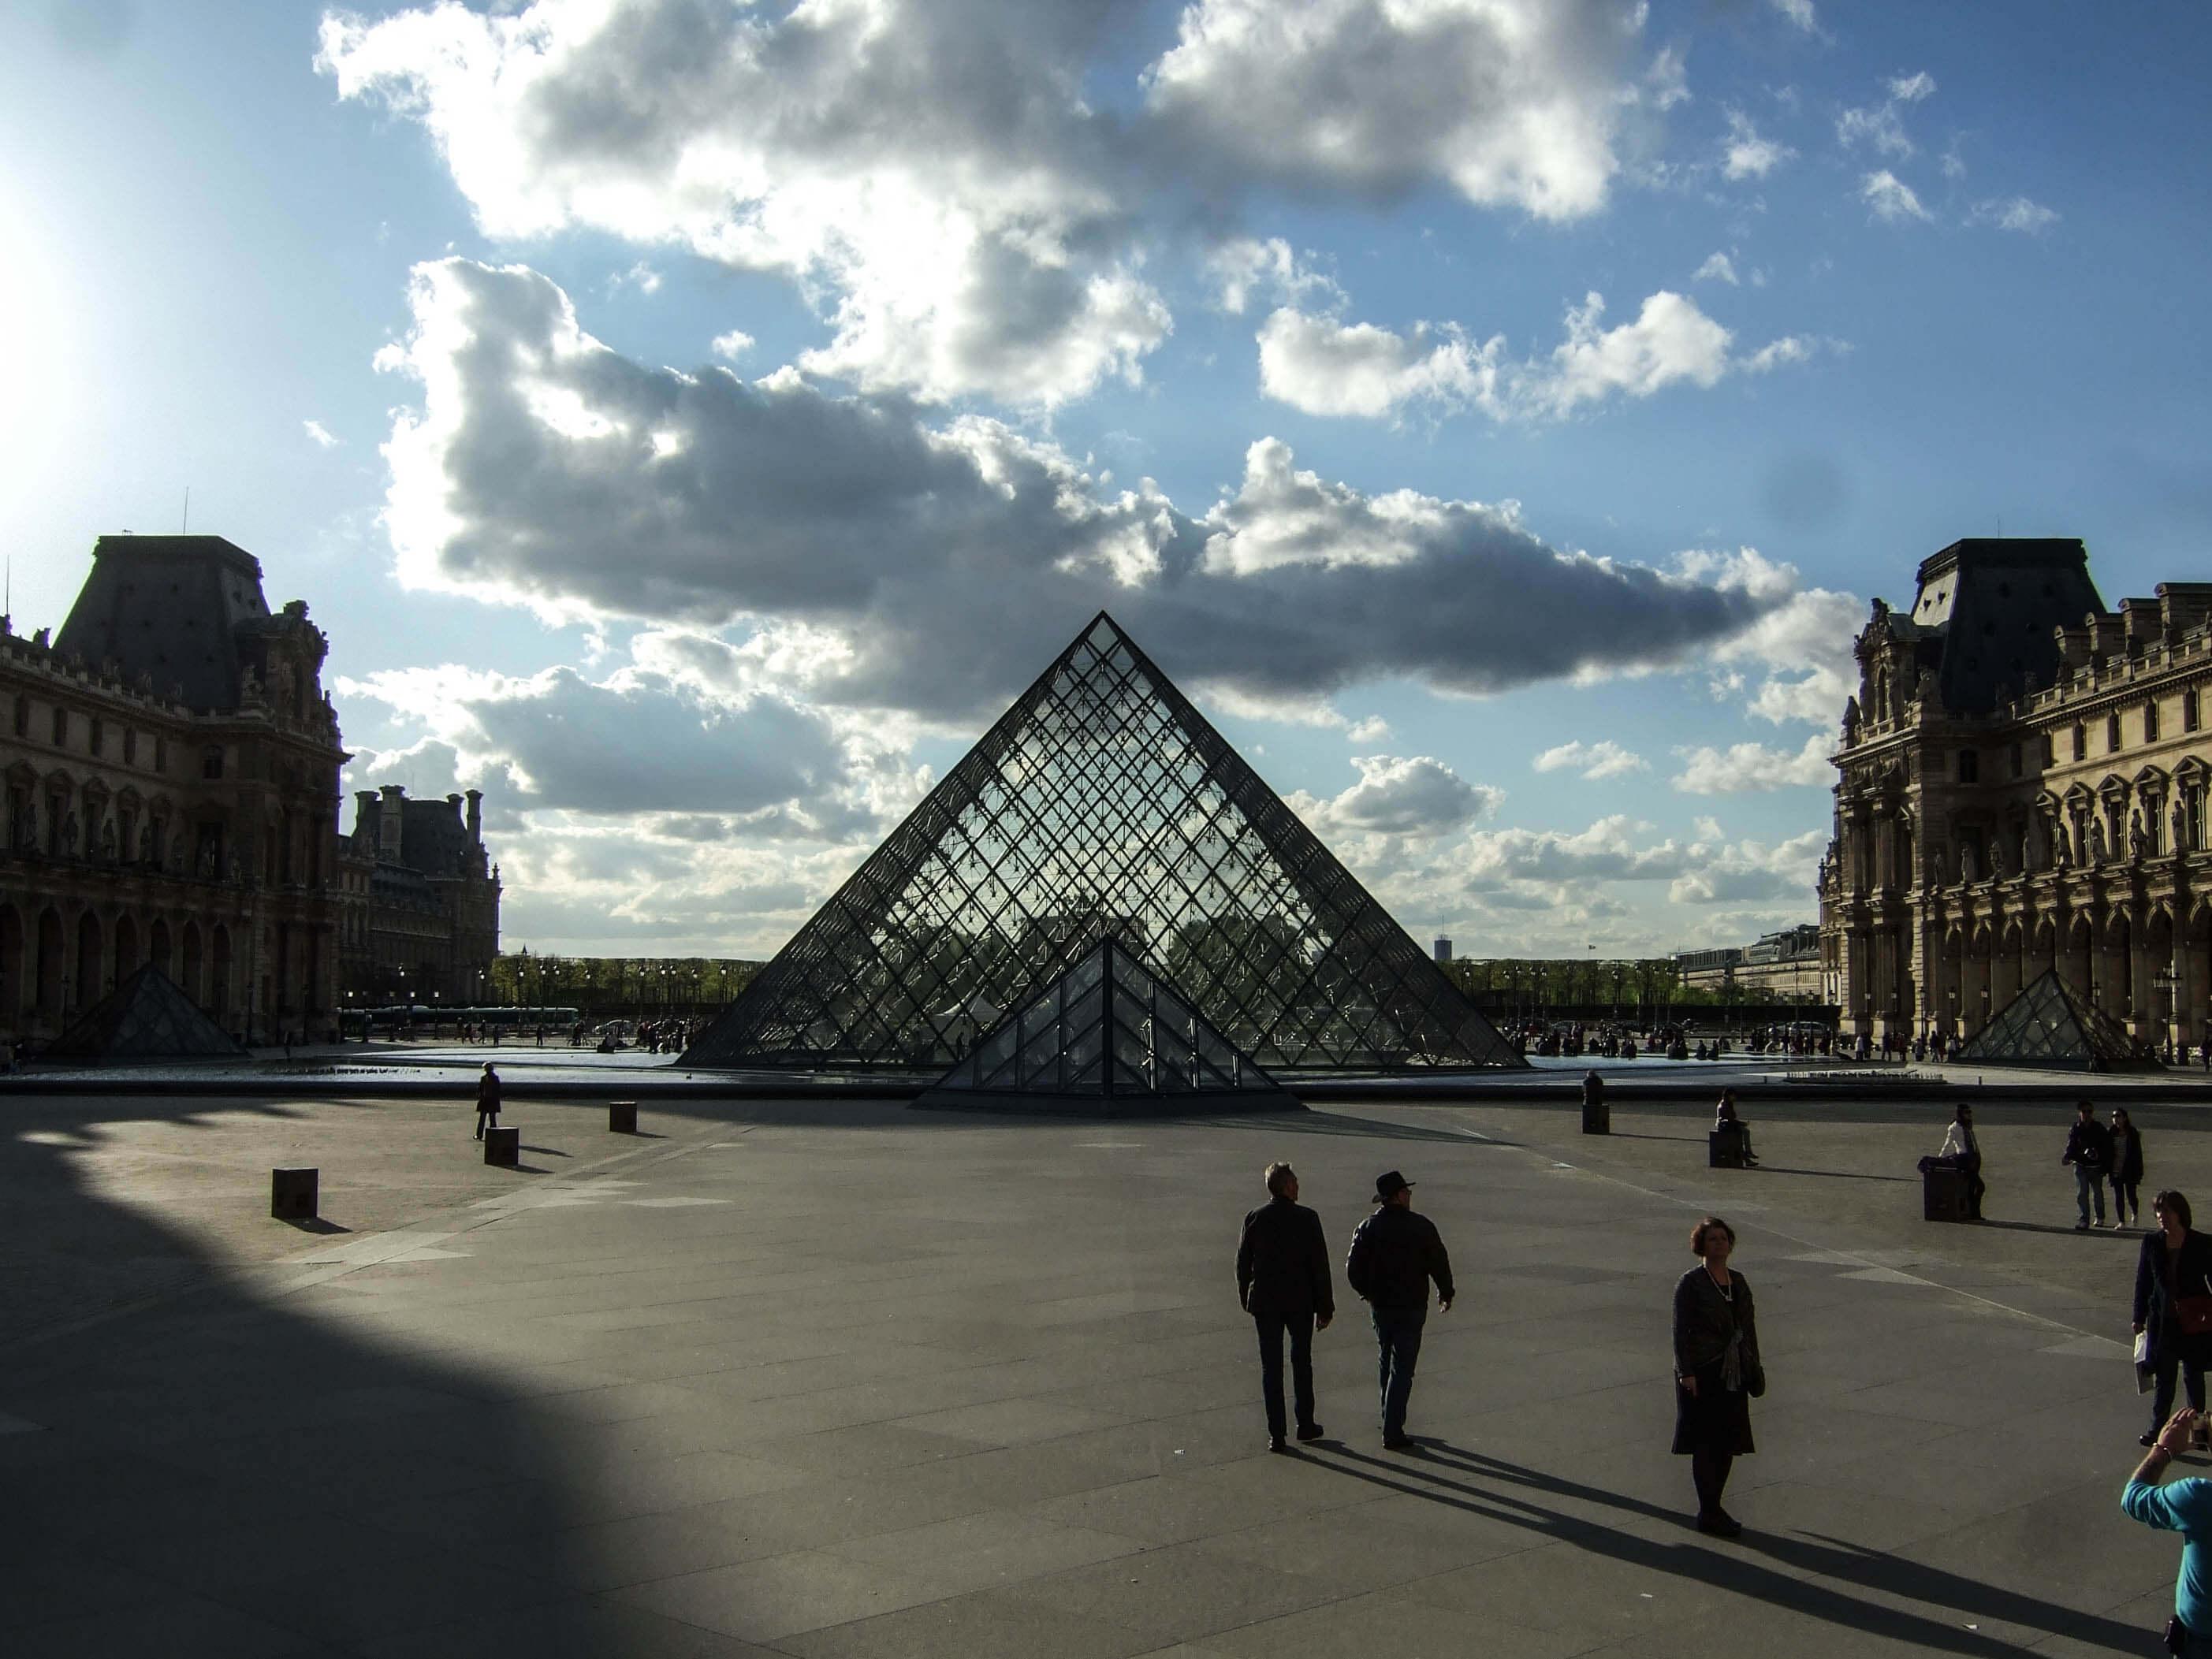 Sobre pinturas rupestres e meu sonho de conhecer o Louvre